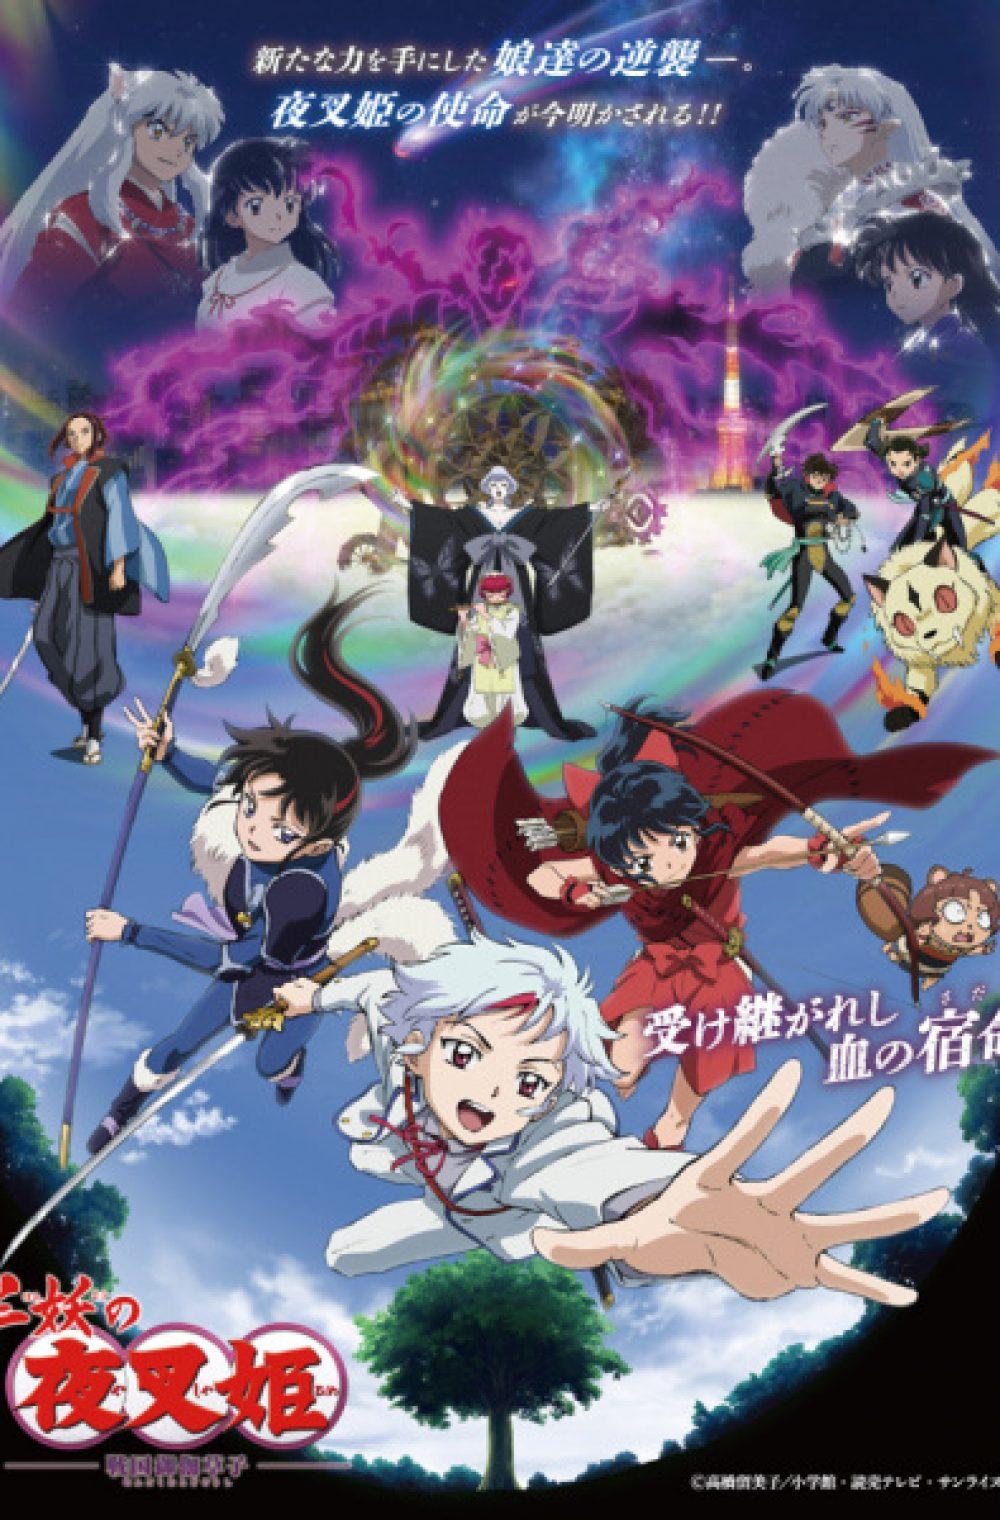 [Ohys-Raws] Sengoku Otogizoushi Part 2 - 02 (NTV 1280x720 x264 AAC)